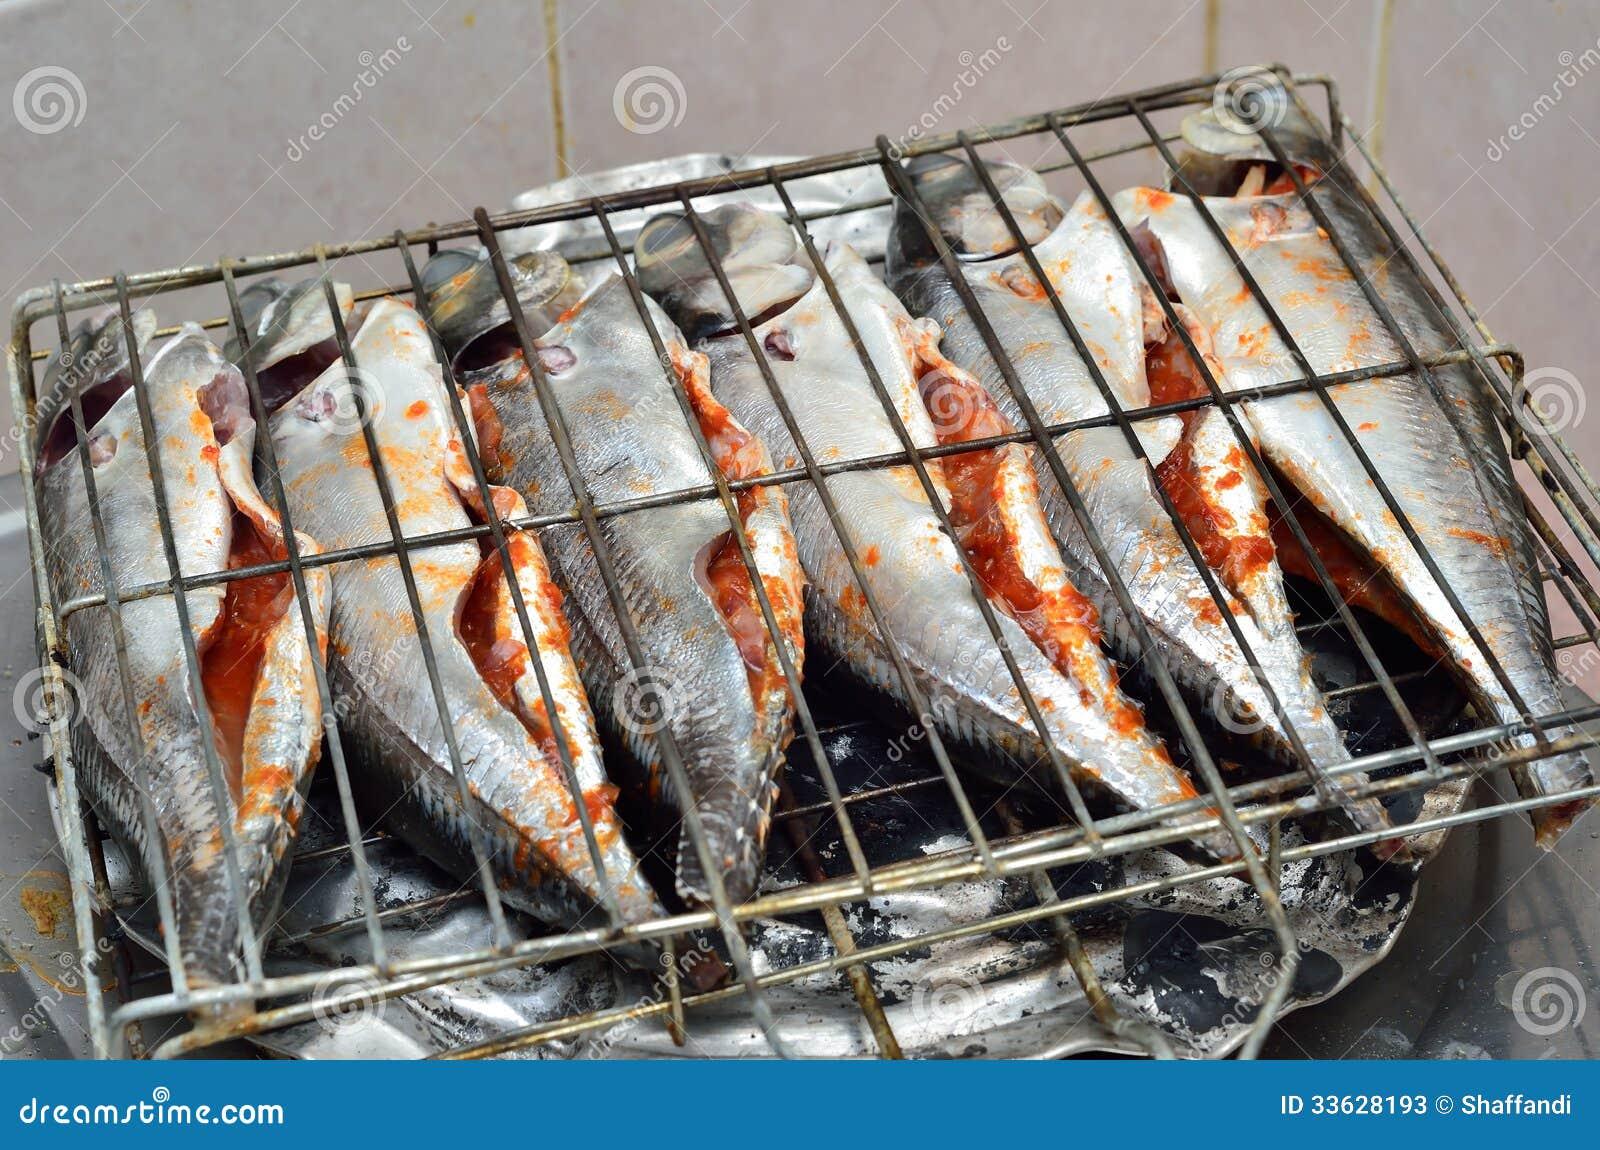 Pescados listos para asar a la parrilla fotos de archivo - Parrillas para pescado ...